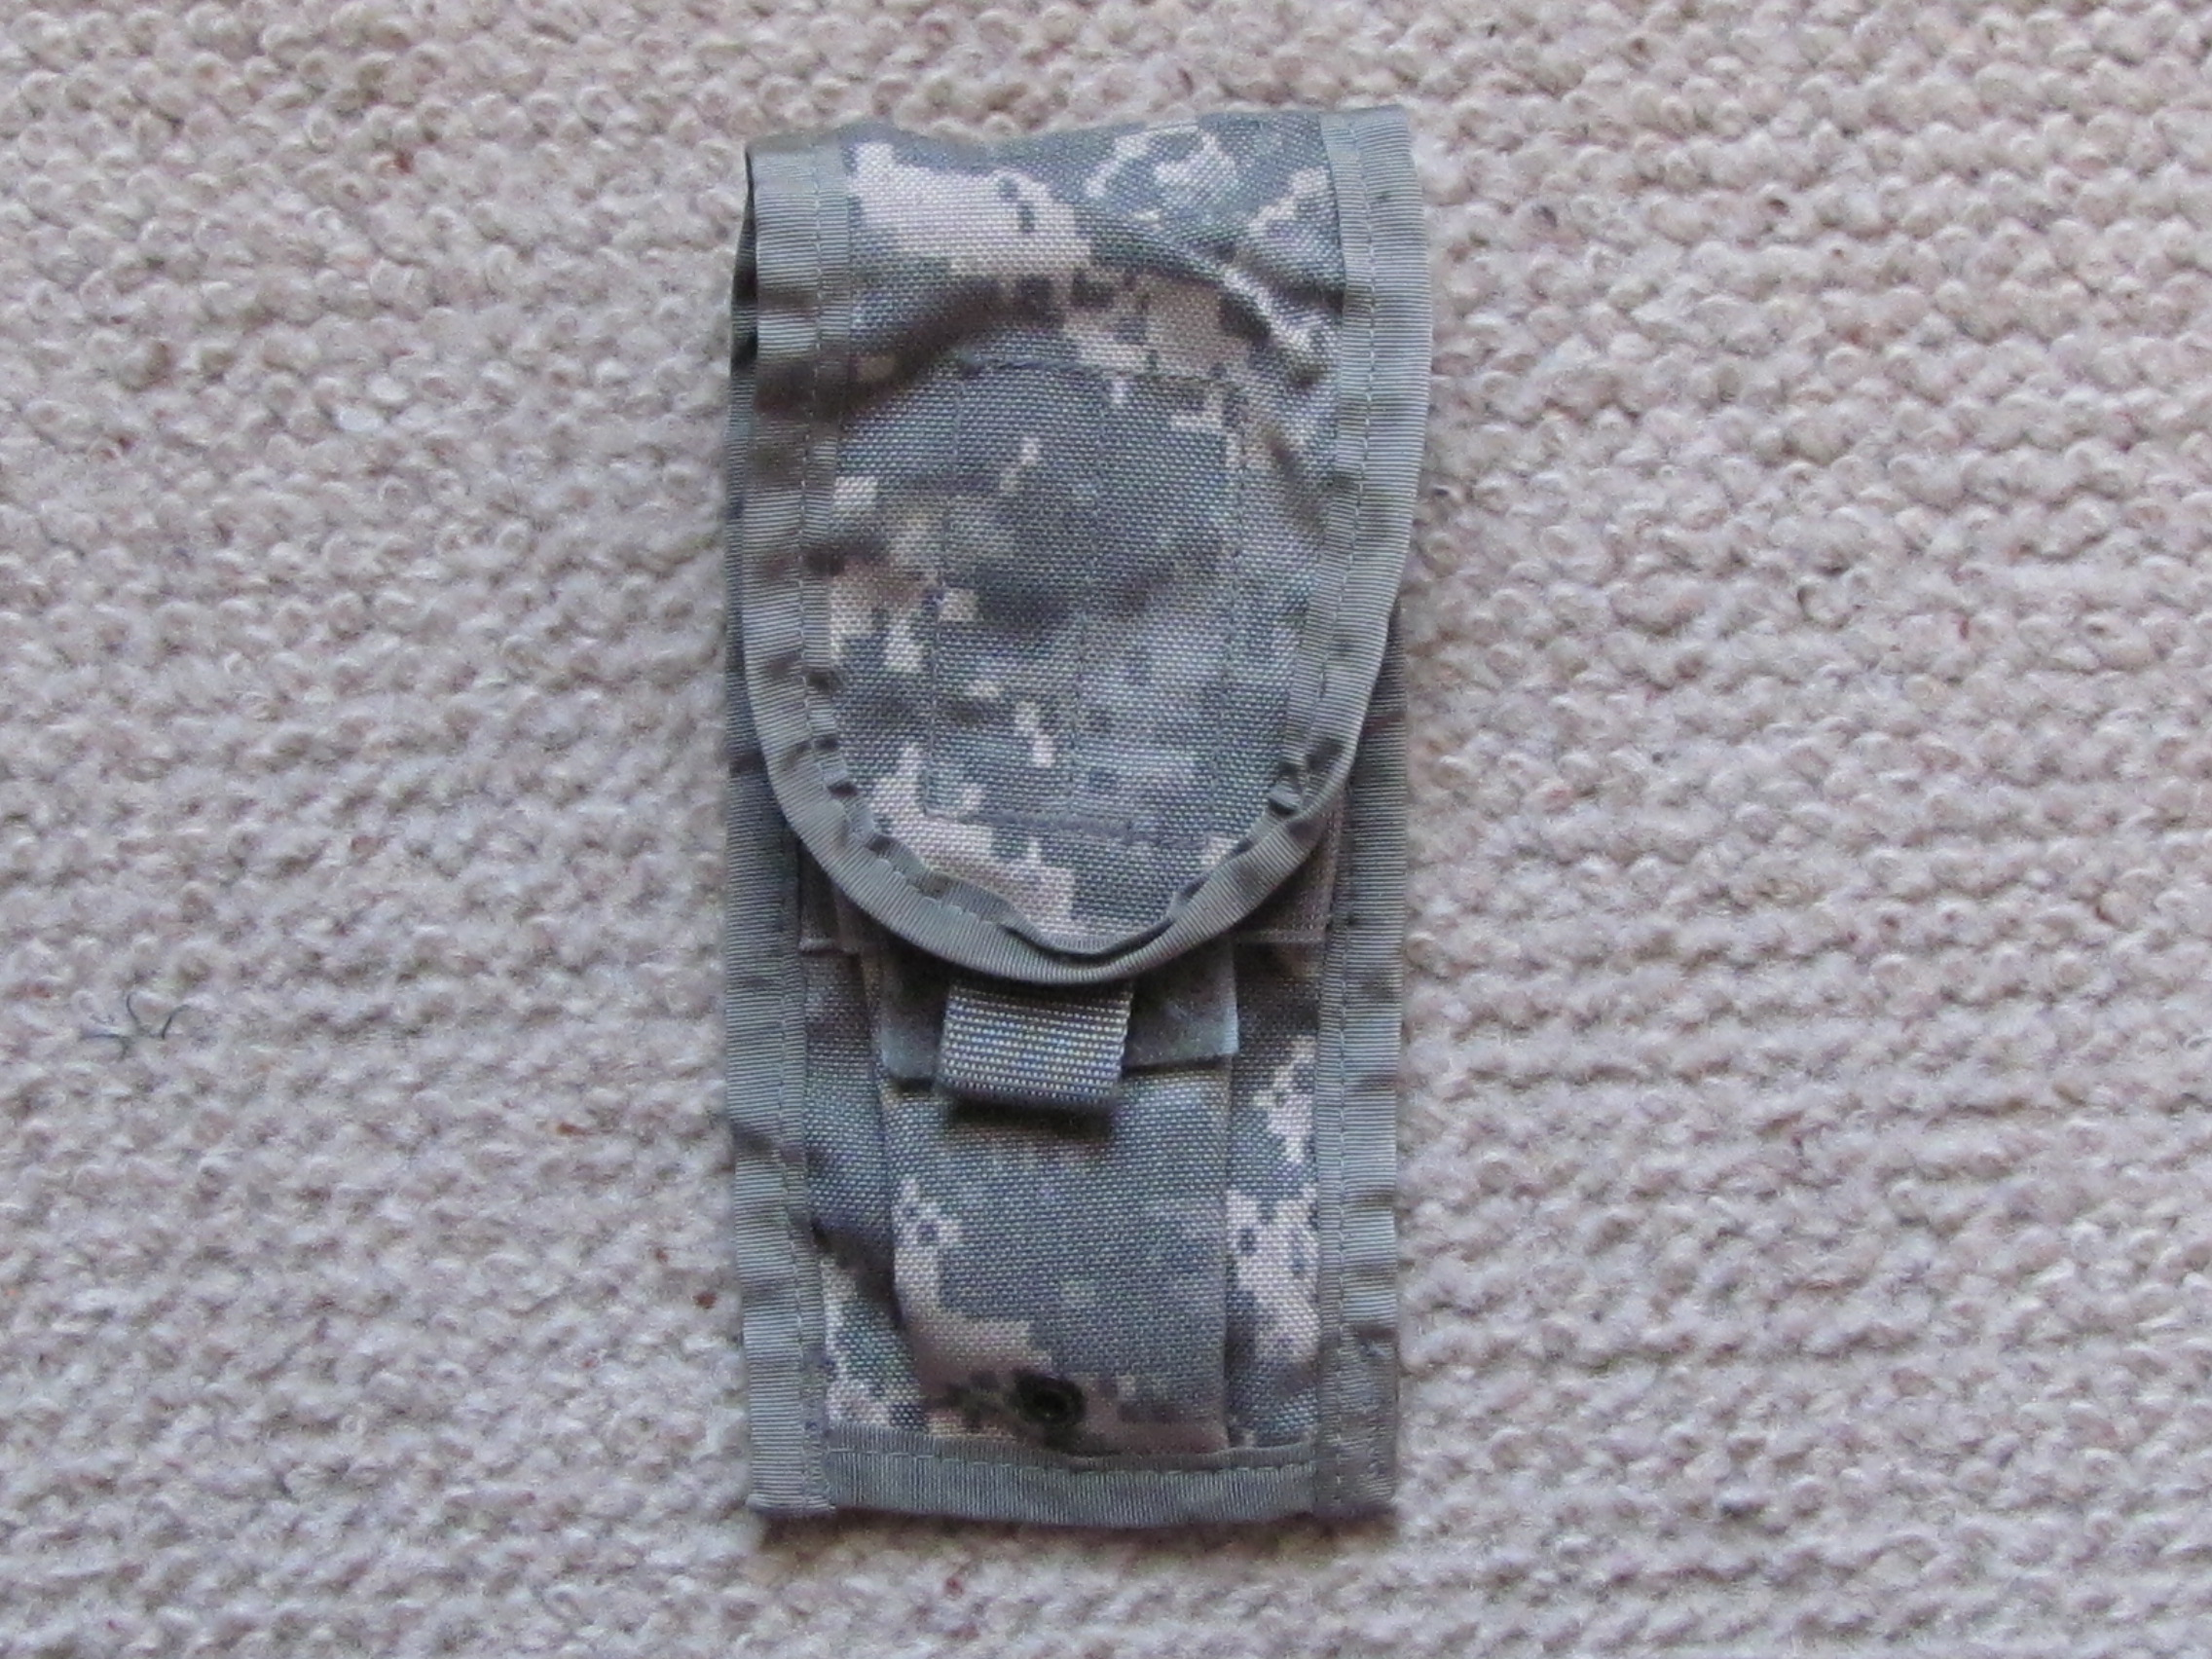 MOLLE double magazine pouch